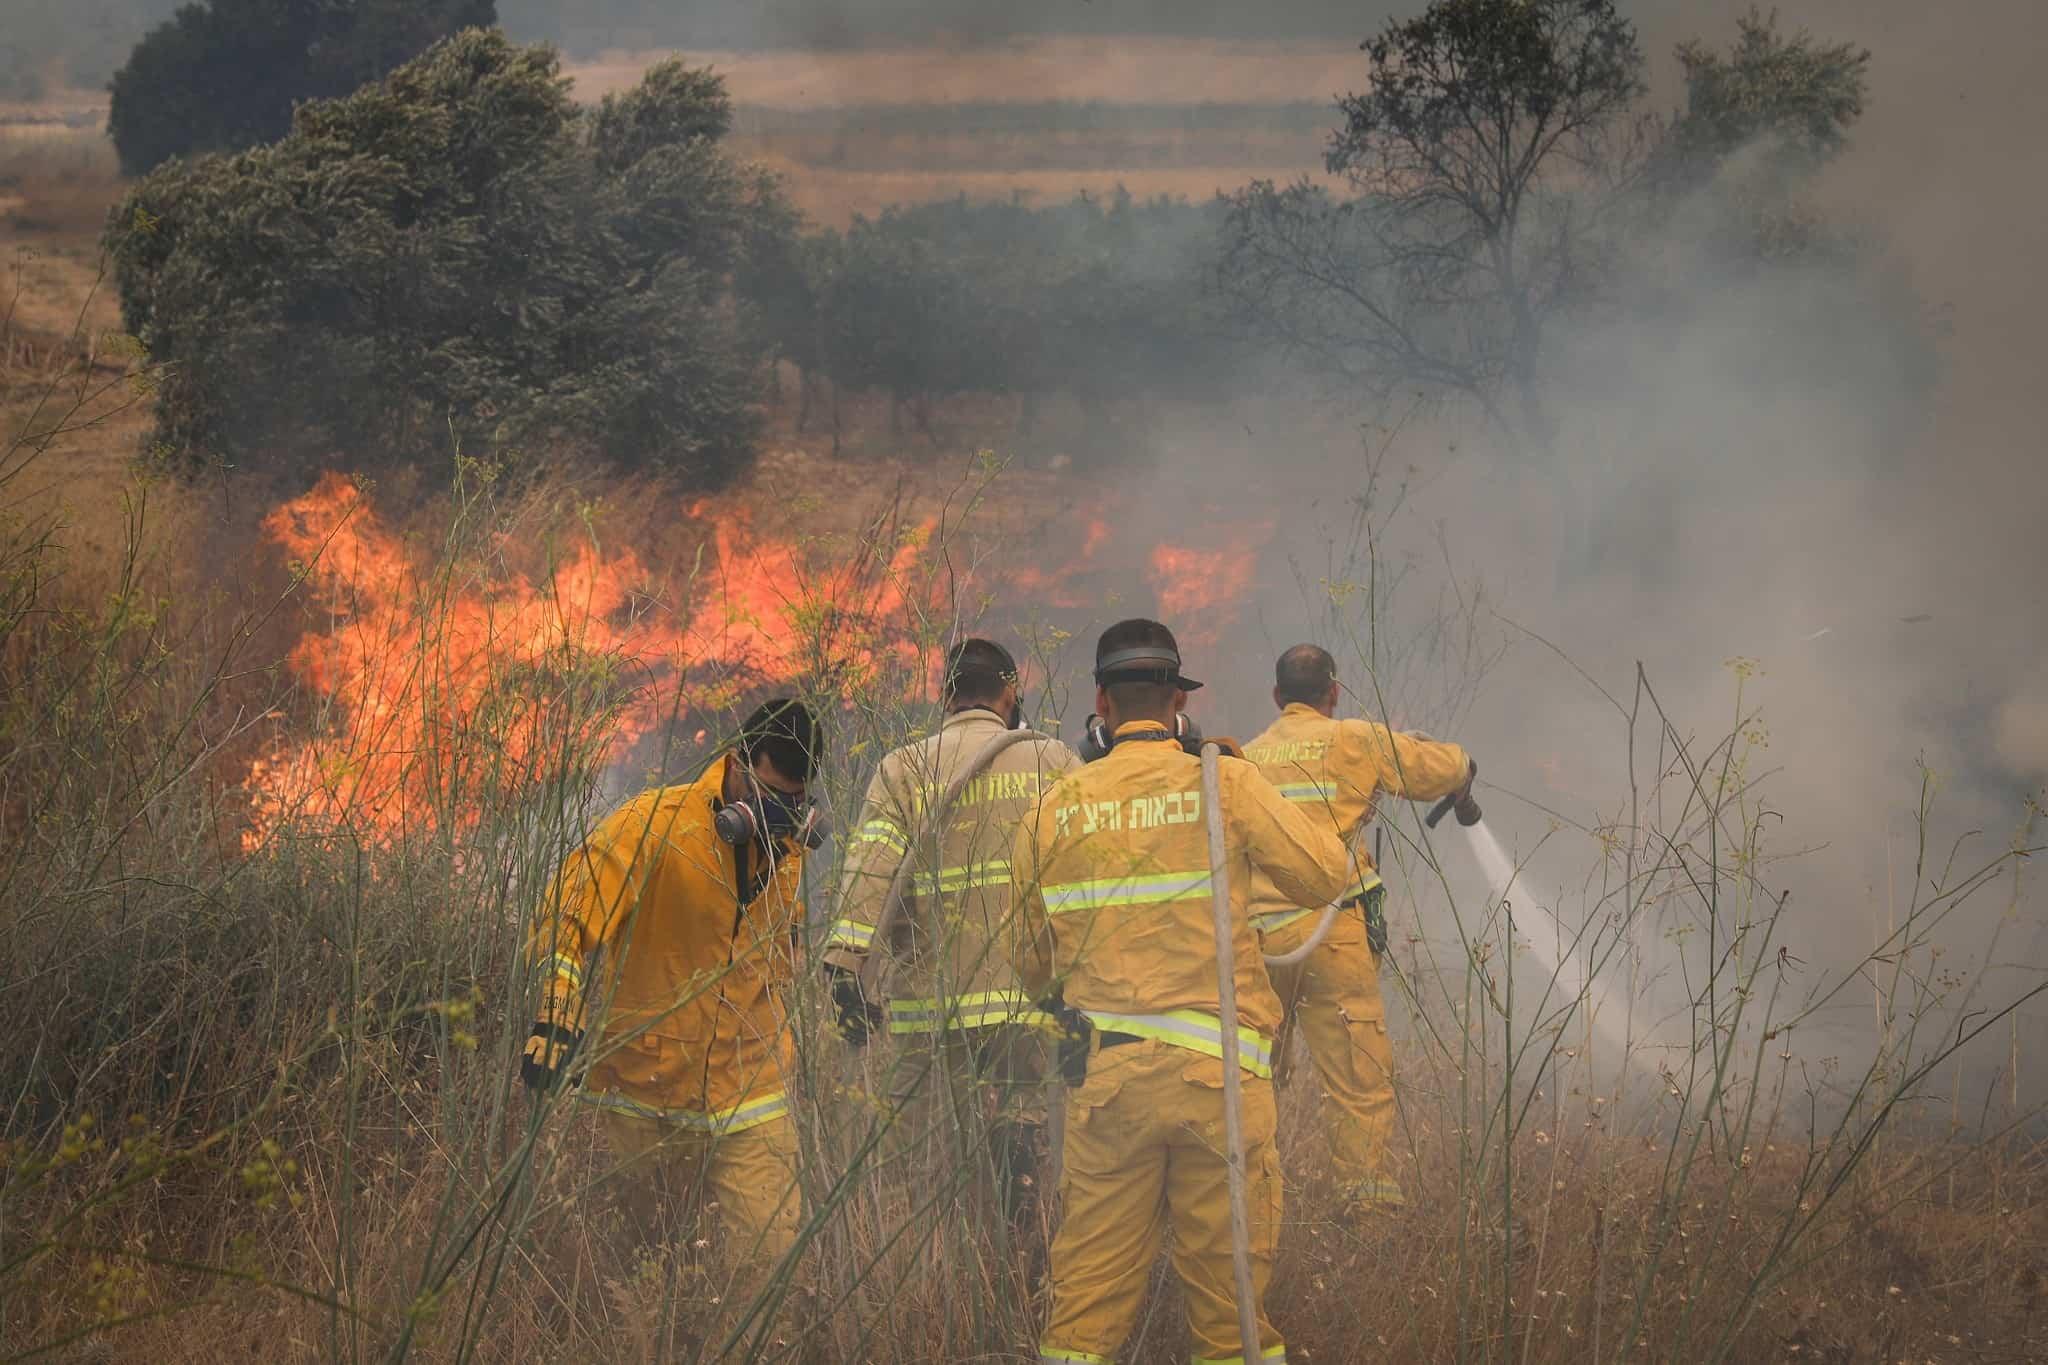 שריפה ליד מושב אדרת (צילום: נועם רבקין, פלאש 90)